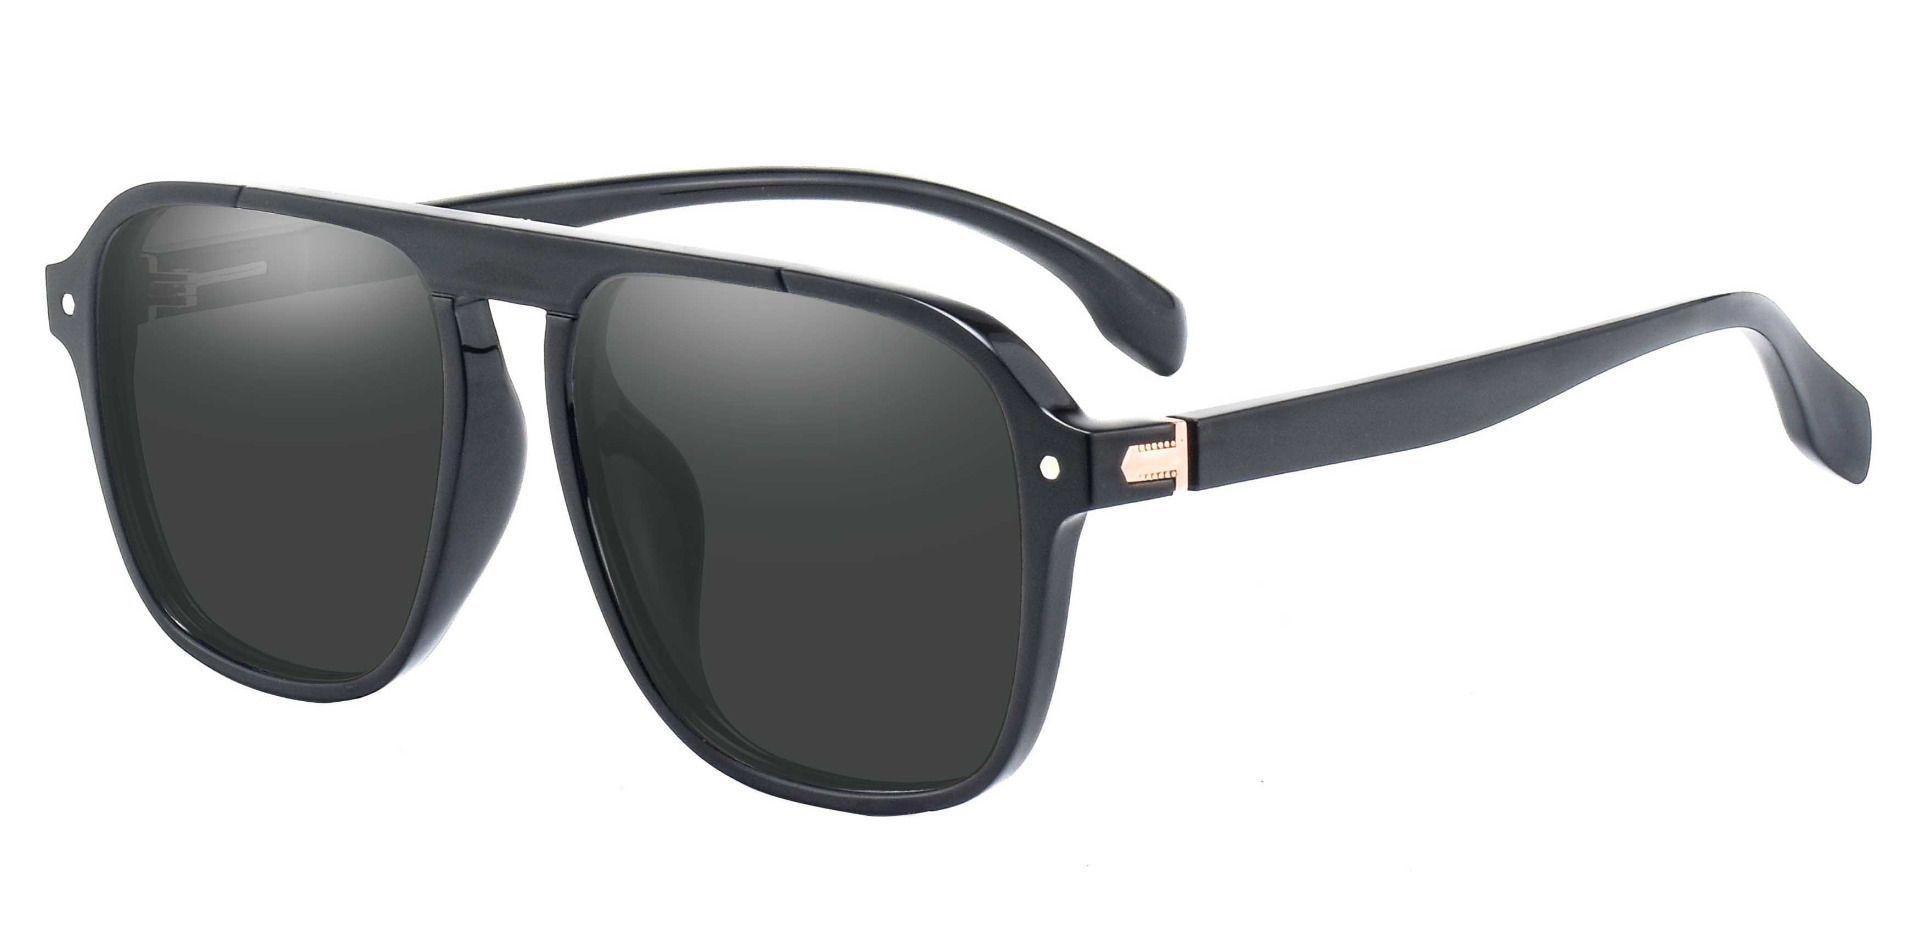 Gideon Aviator Reading Sunglasses - Black Frame With Gray Lenses